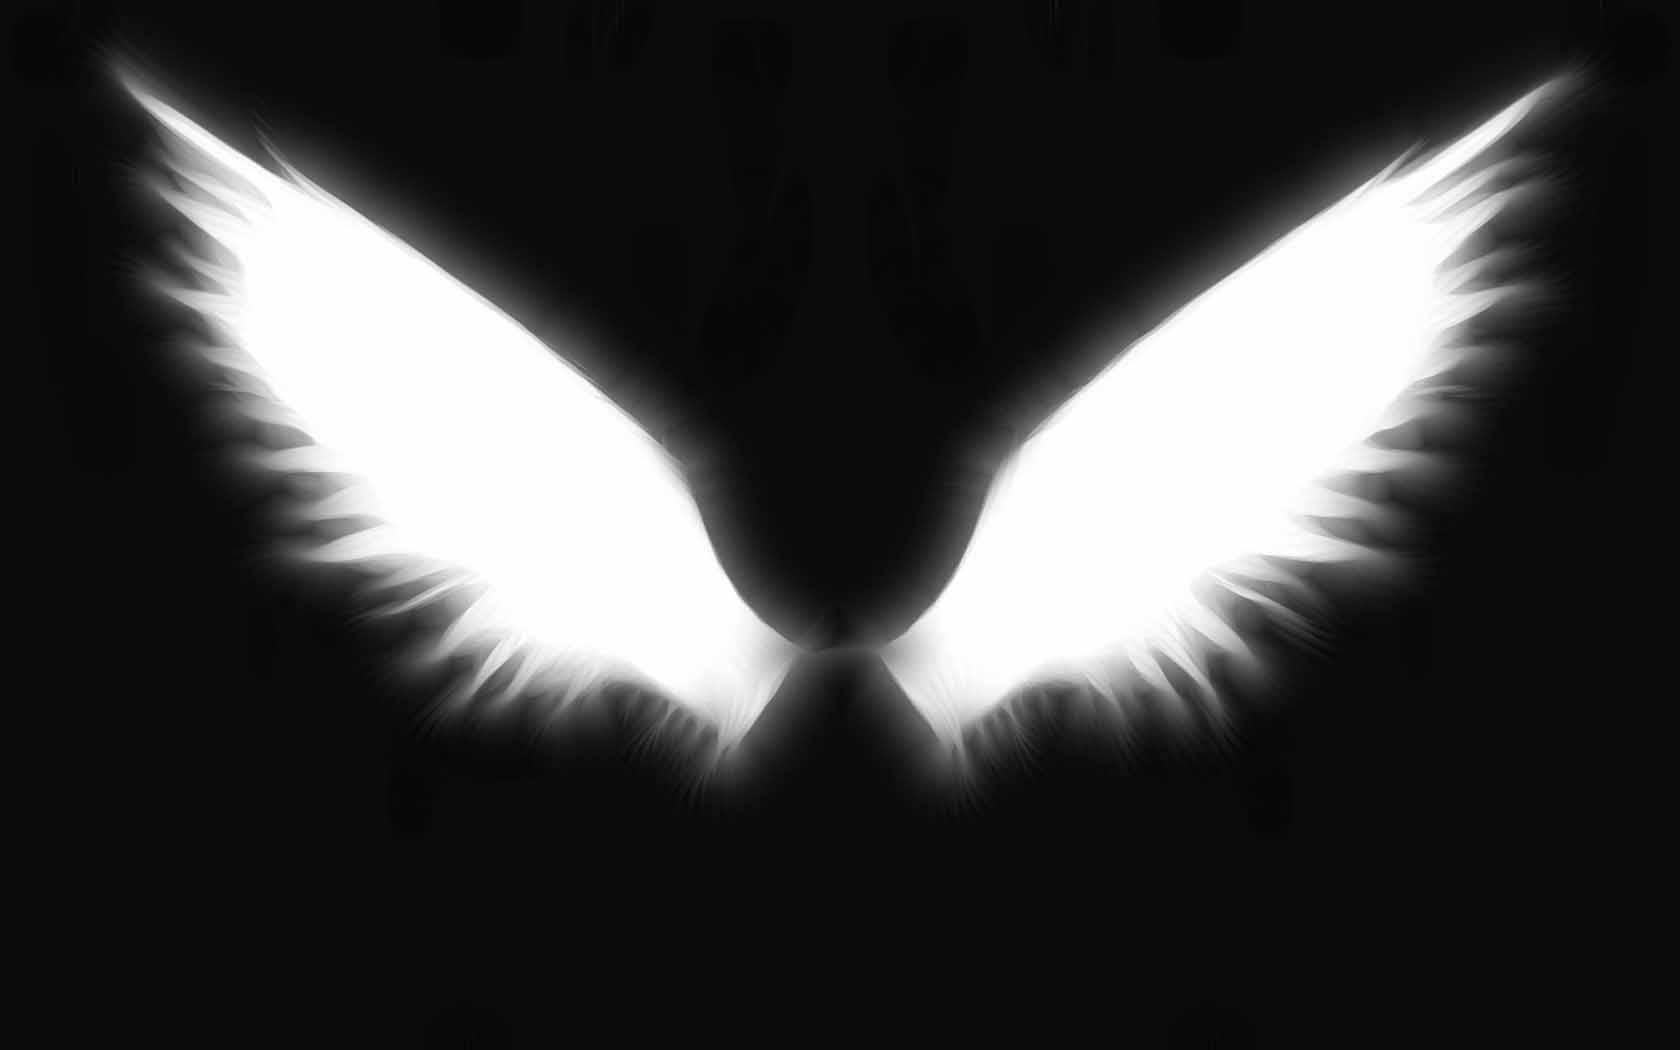 Angel Wings Wallpapers - Top Free Angel